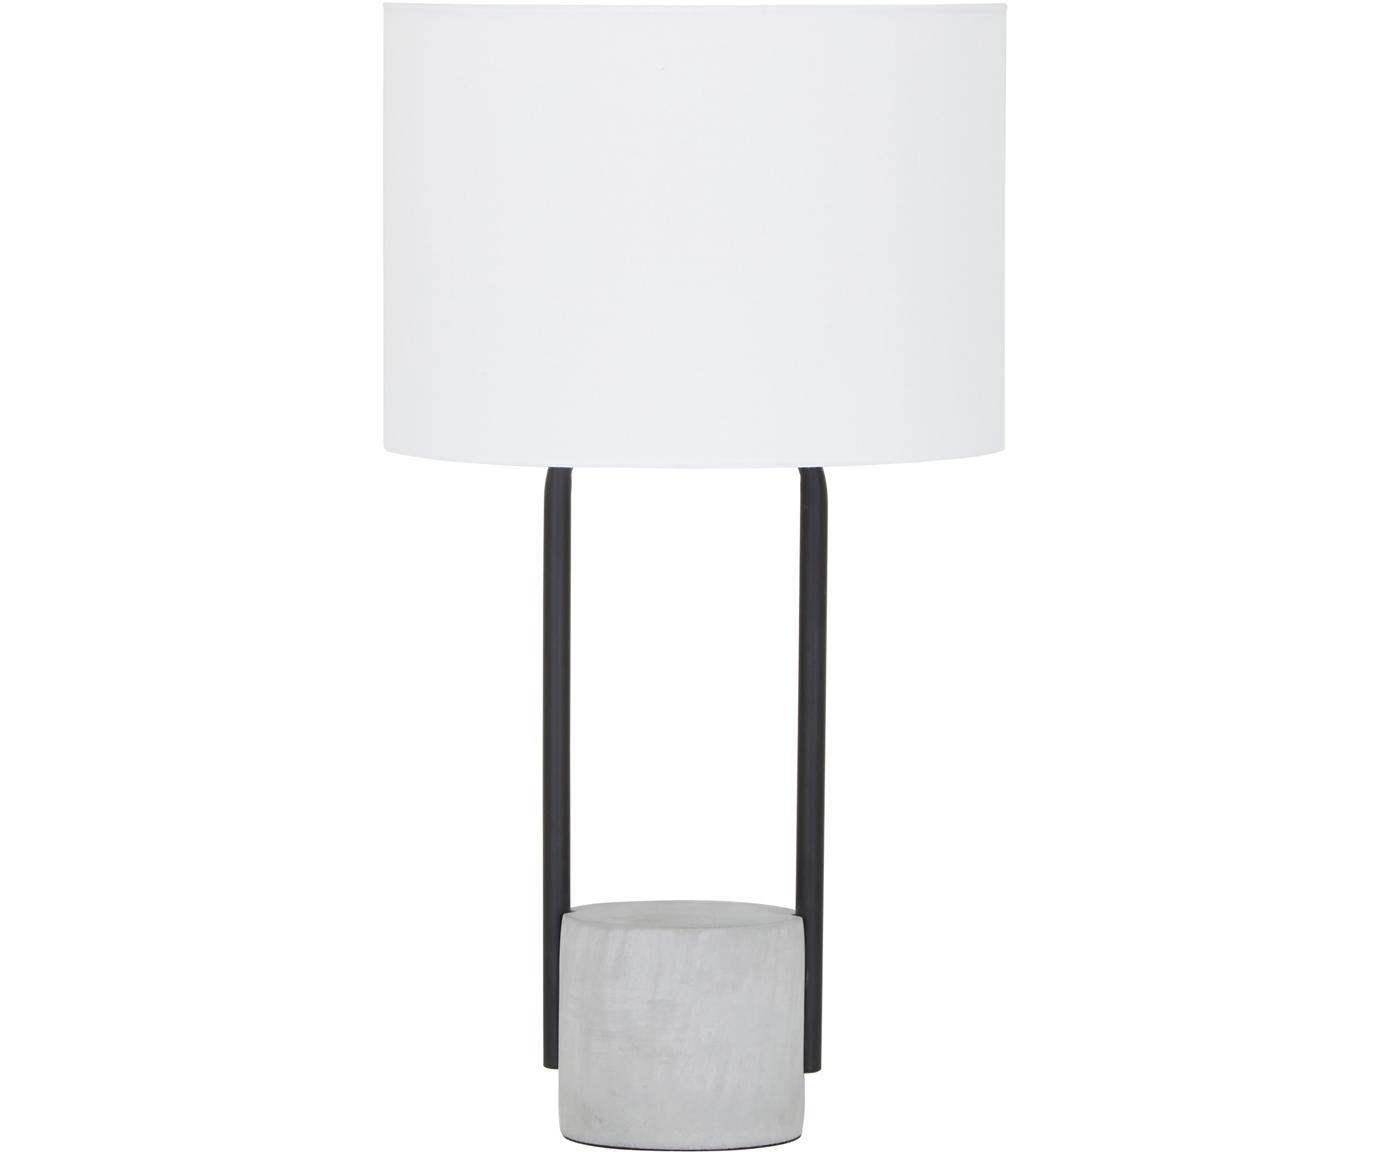 Tafellamp Pipero met betonnen voet, Lampenkap: textiel, Lampvoet: gepoedercoat metaal, beto, Lampenkap: wit. Lampvoet: mat zwart, grijs. Snoer: zwart, Ø 28 x H 51 cm